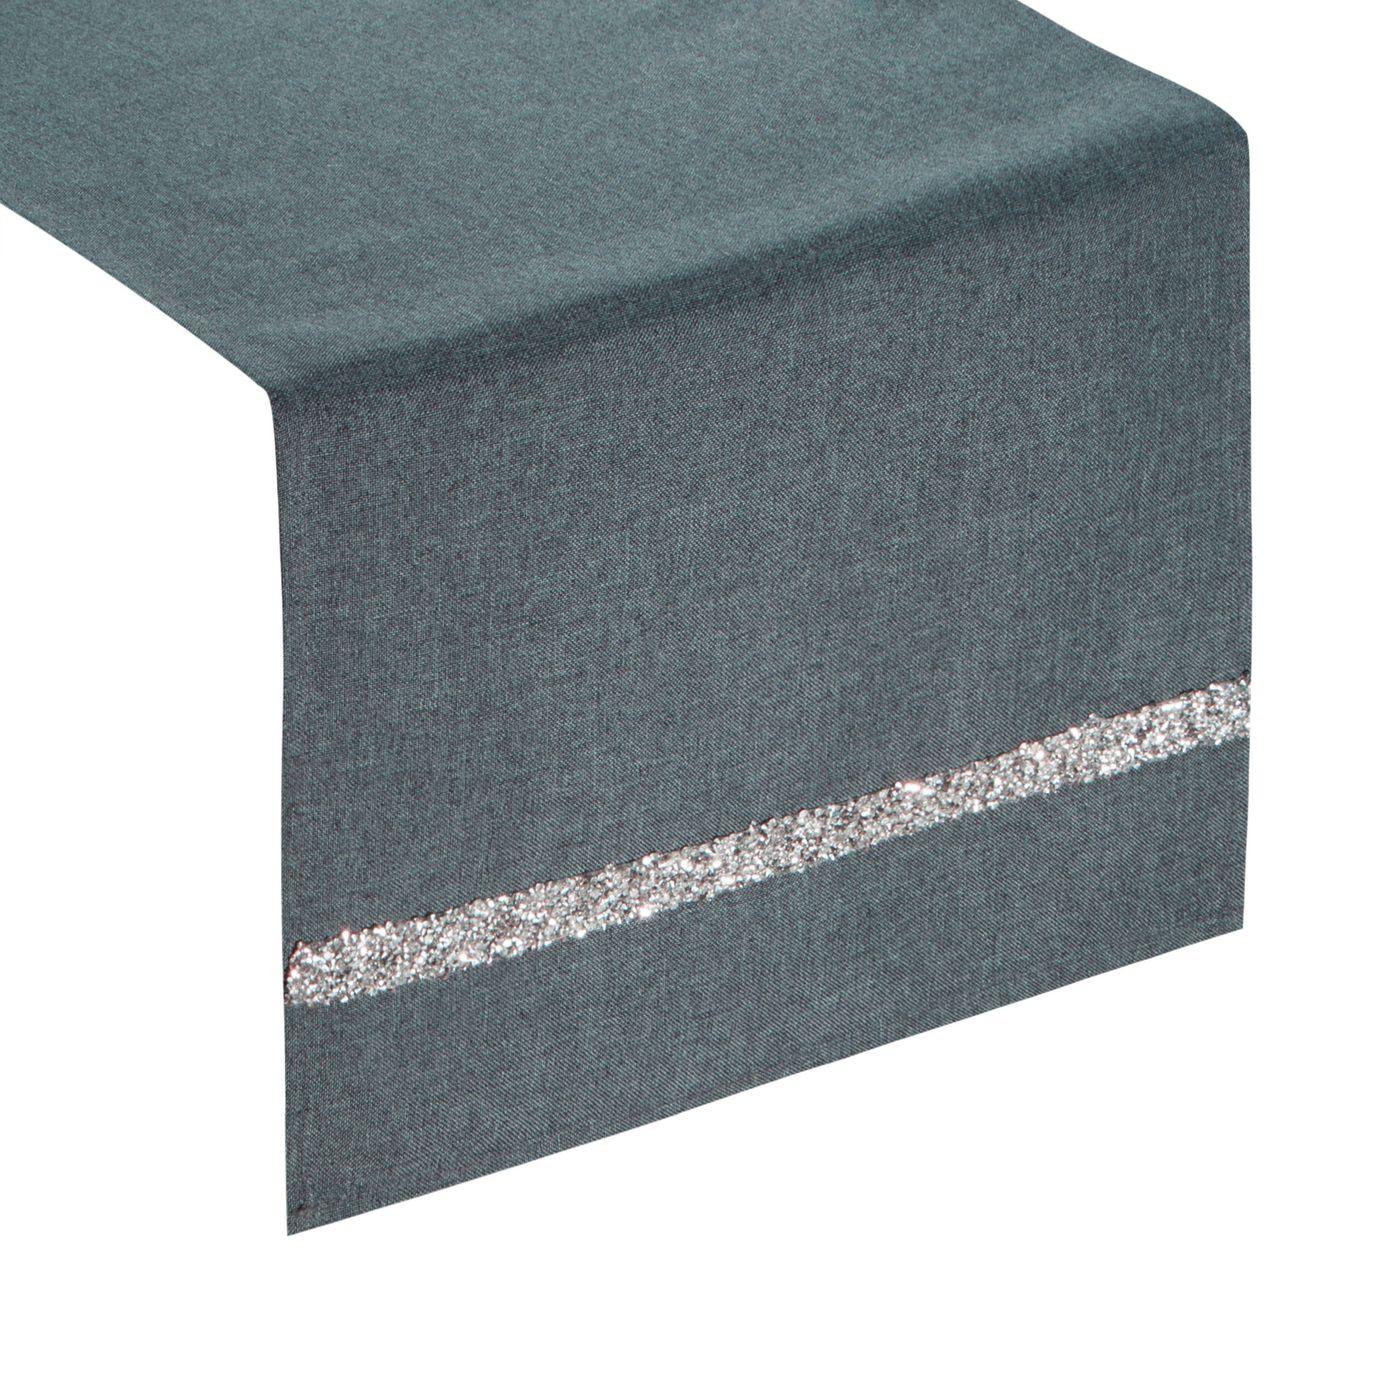 Grafitowy bieżnik na stół do jadalni cekiny 33x180 cm